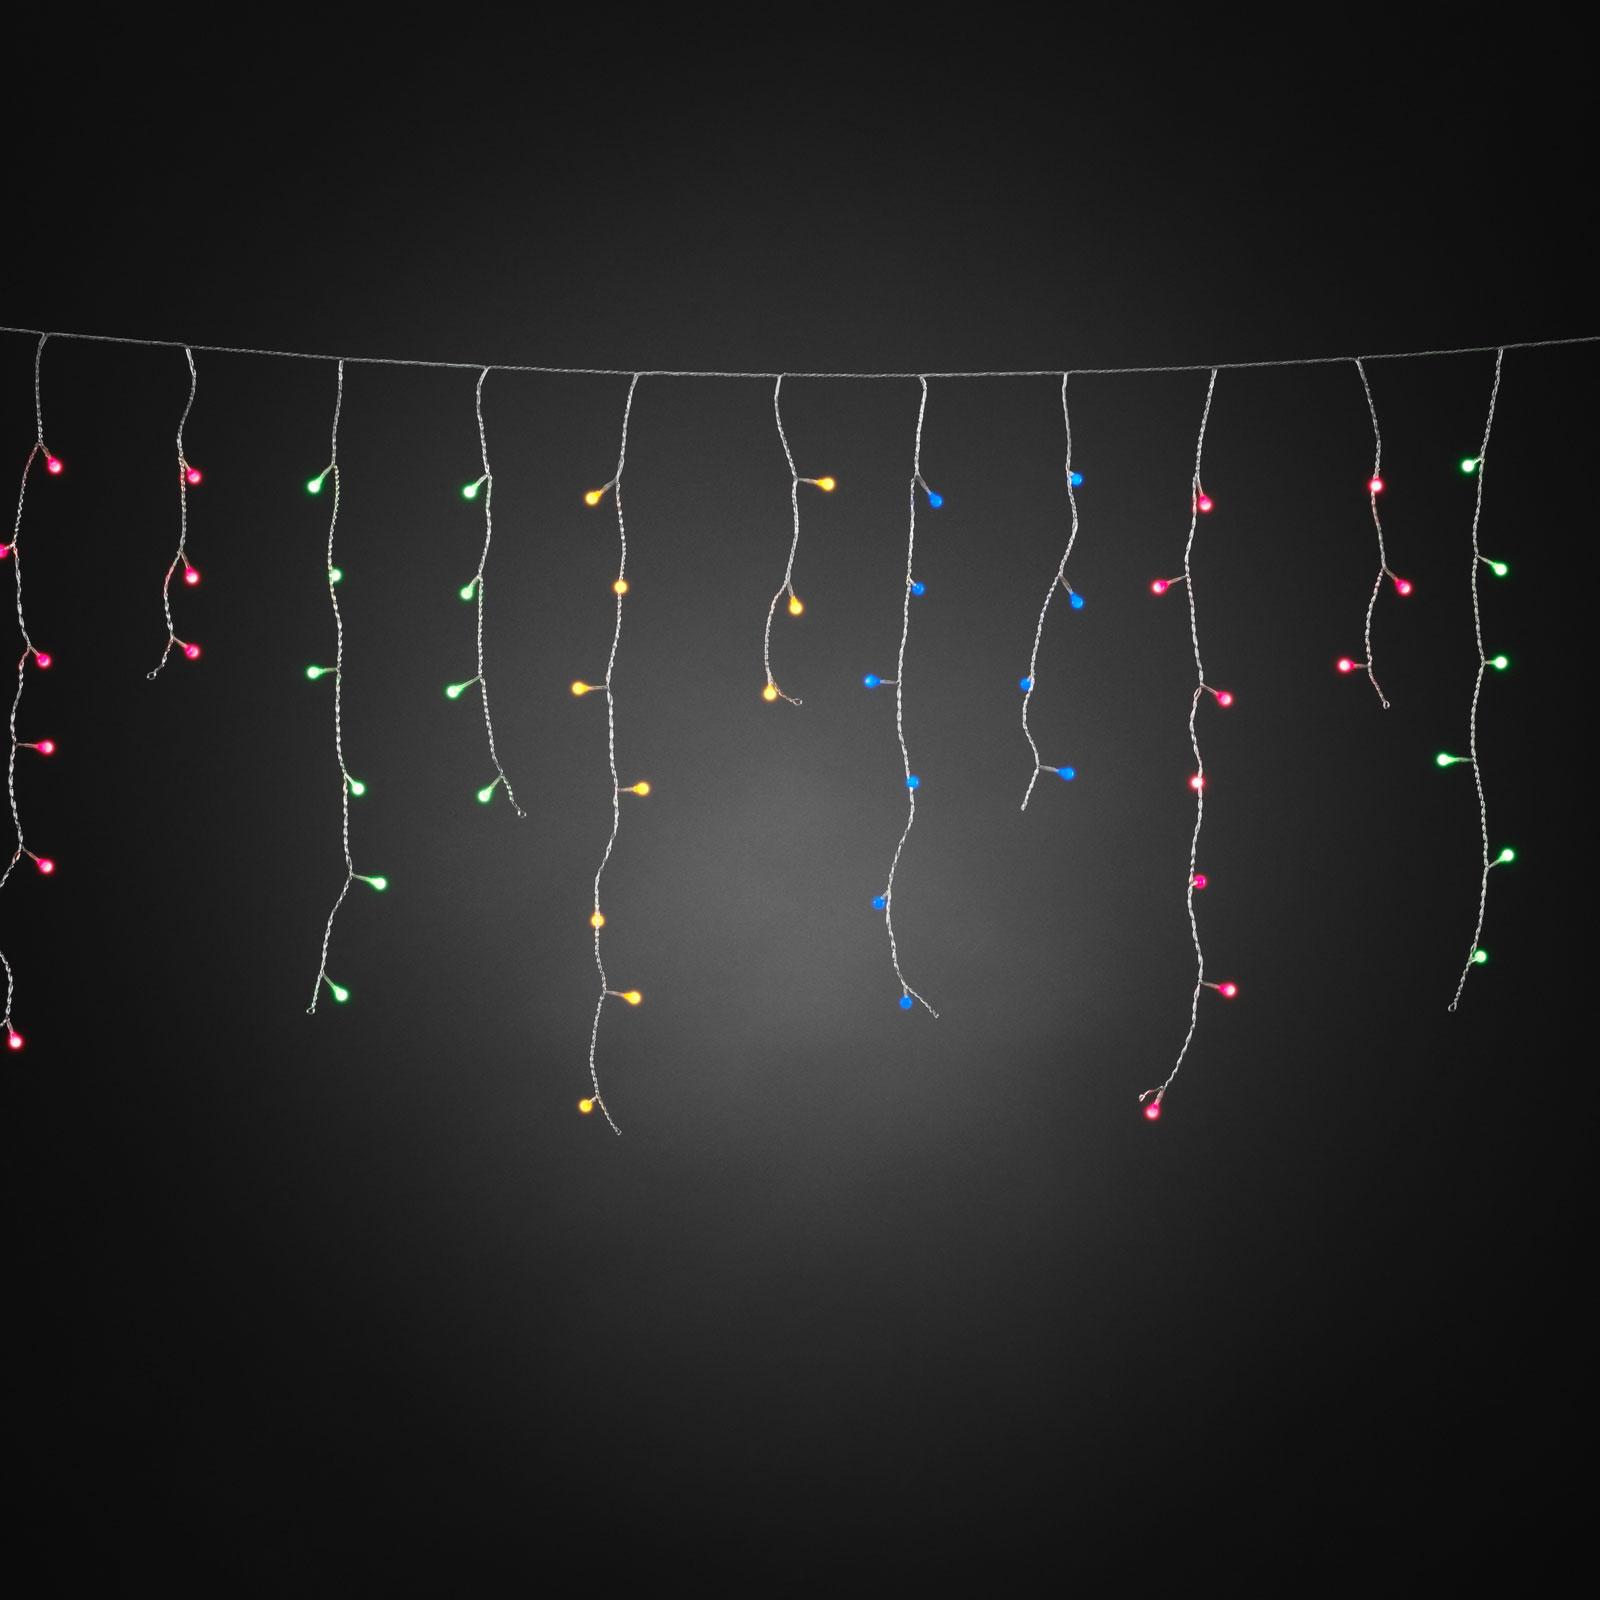 LED-ljusridå isregn, kulörta kulor